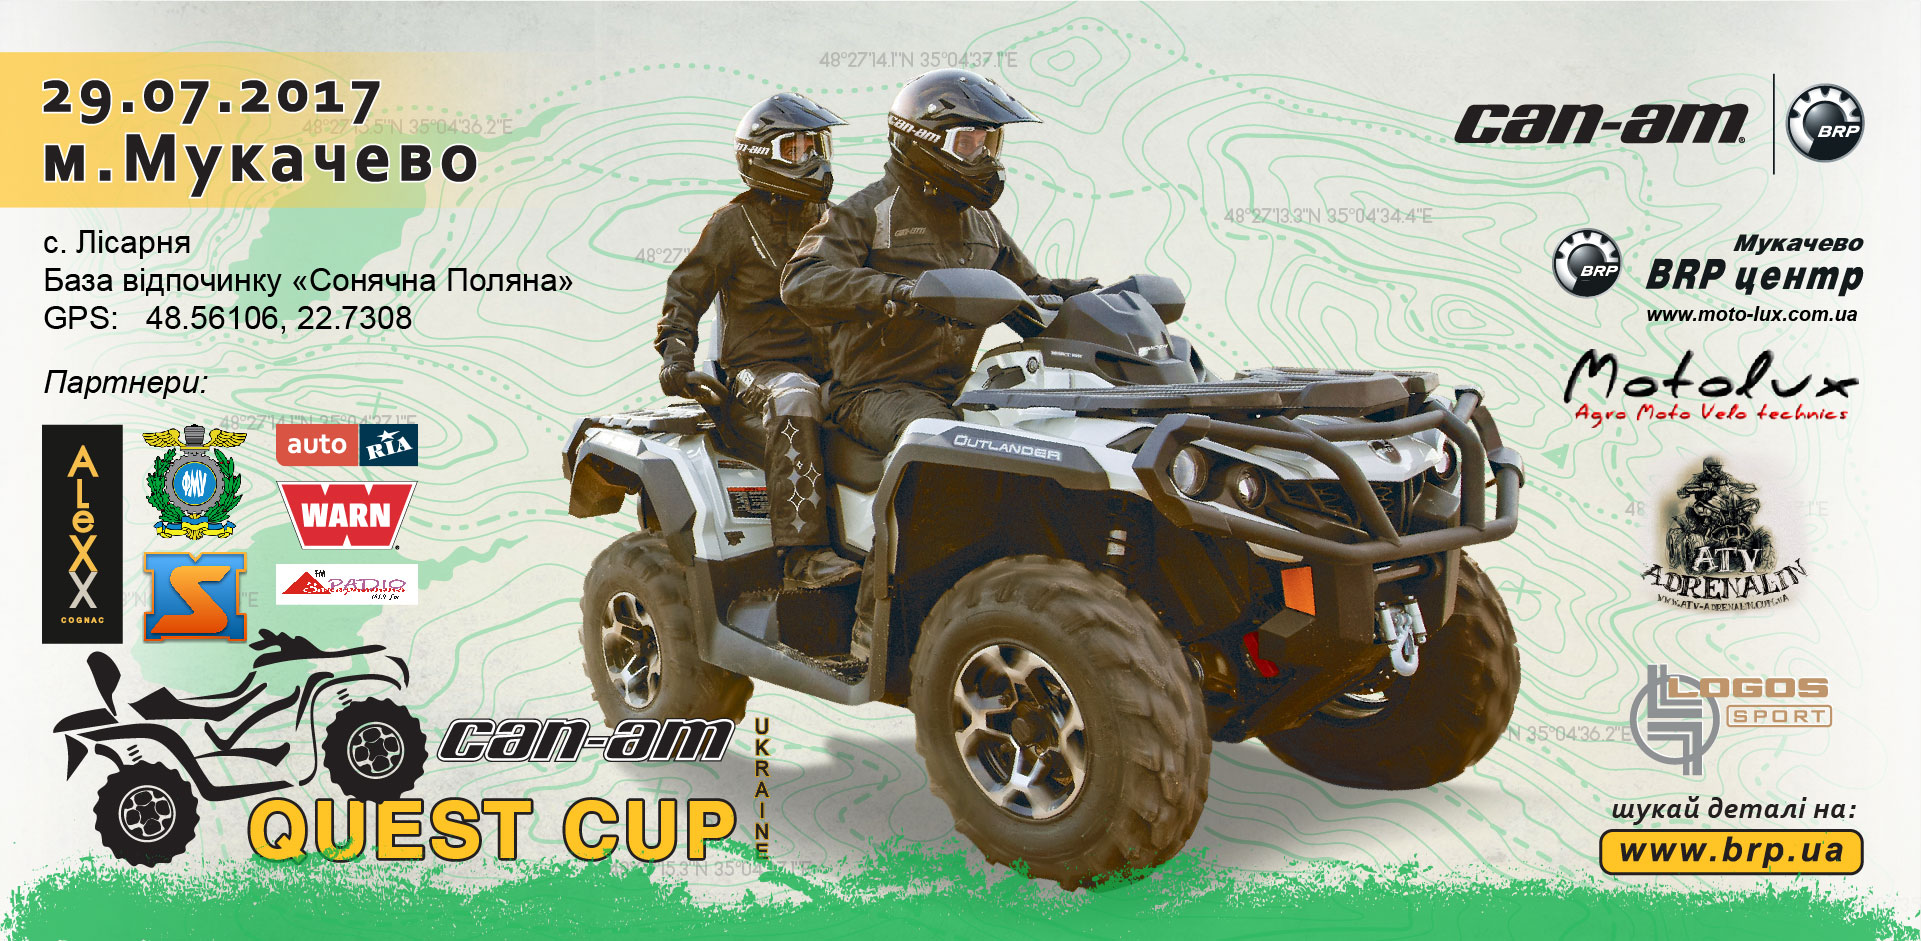 4-й этап серии «CAN-AM QUEST CUP»! Мукачево.